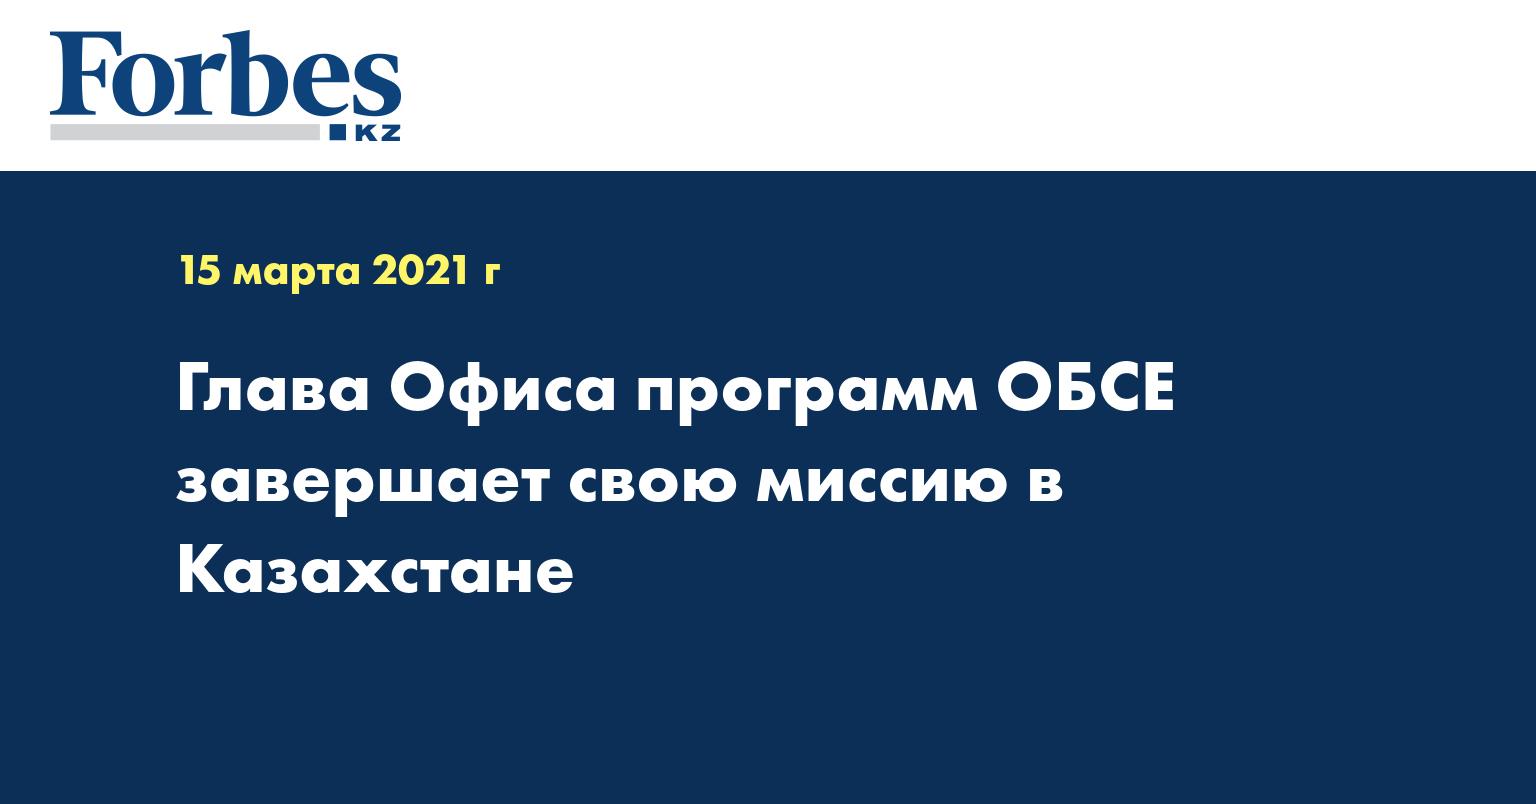 Глава Офиса программ ОБСЕ завершает свою миссию в Казахстане